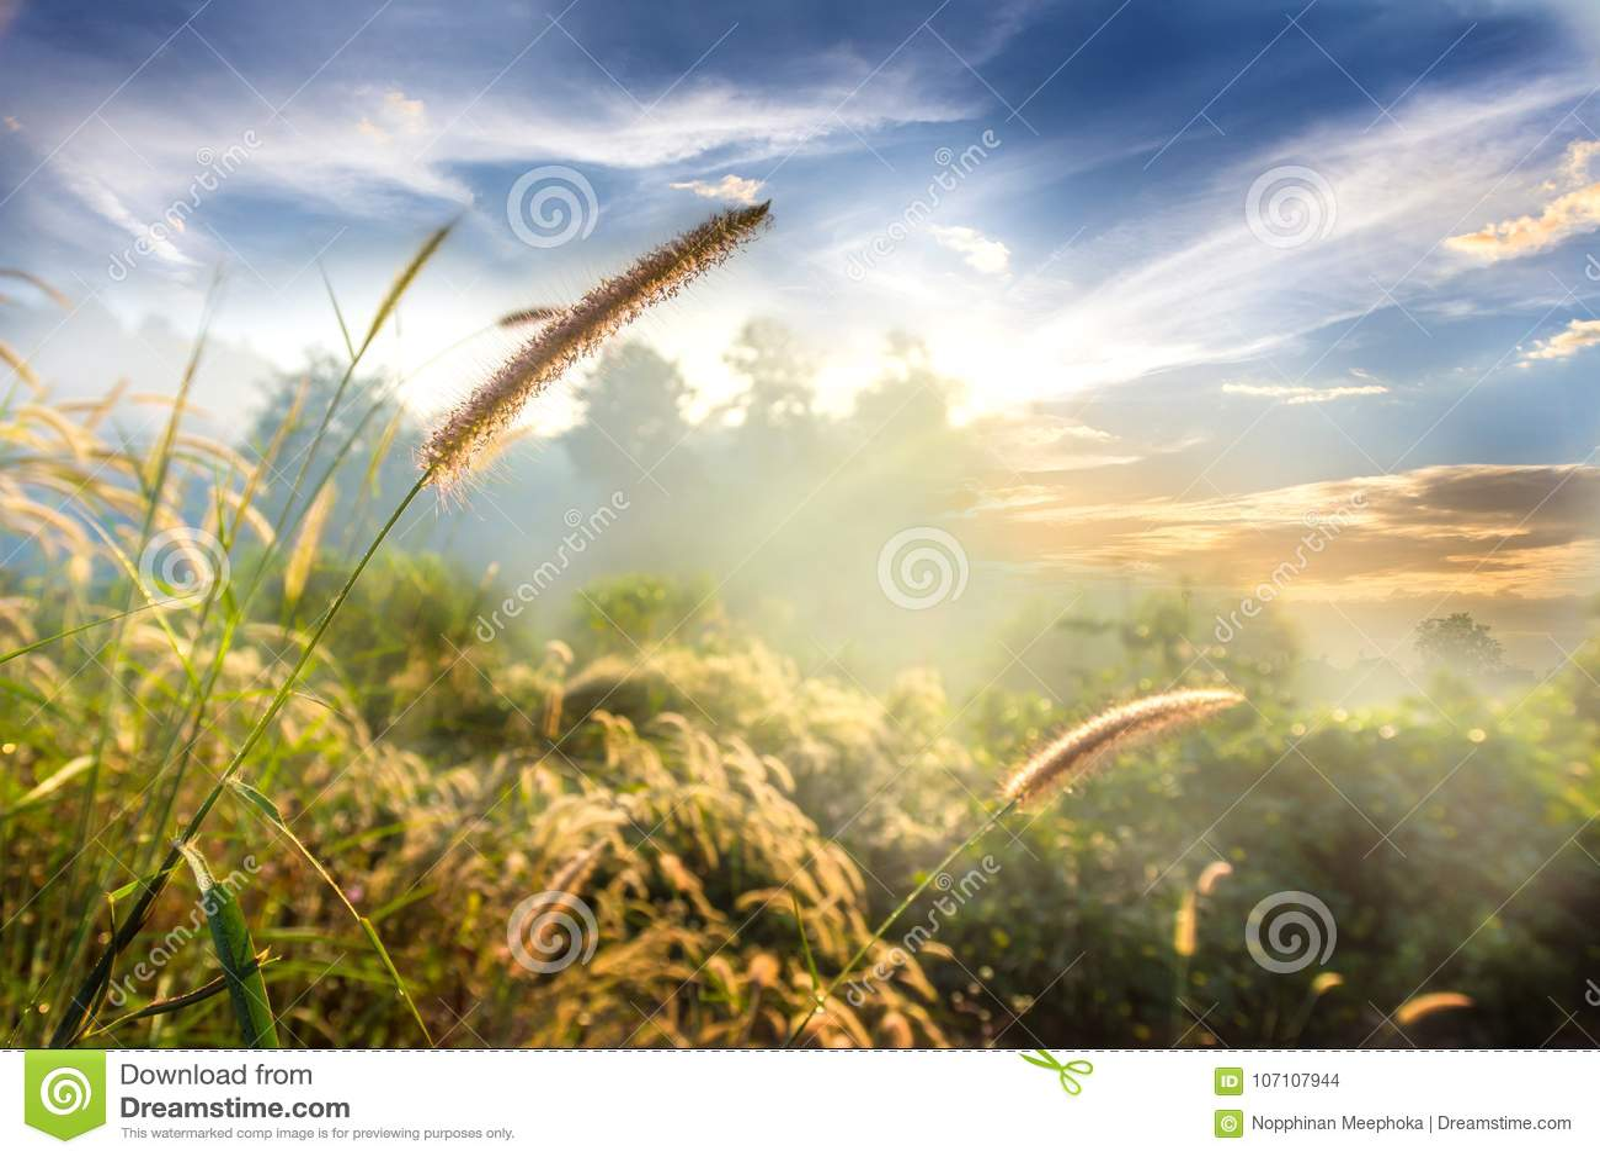 Ajardine a natureza da grama da flor na névoa macia com o céu azul e as nuvens bonitos